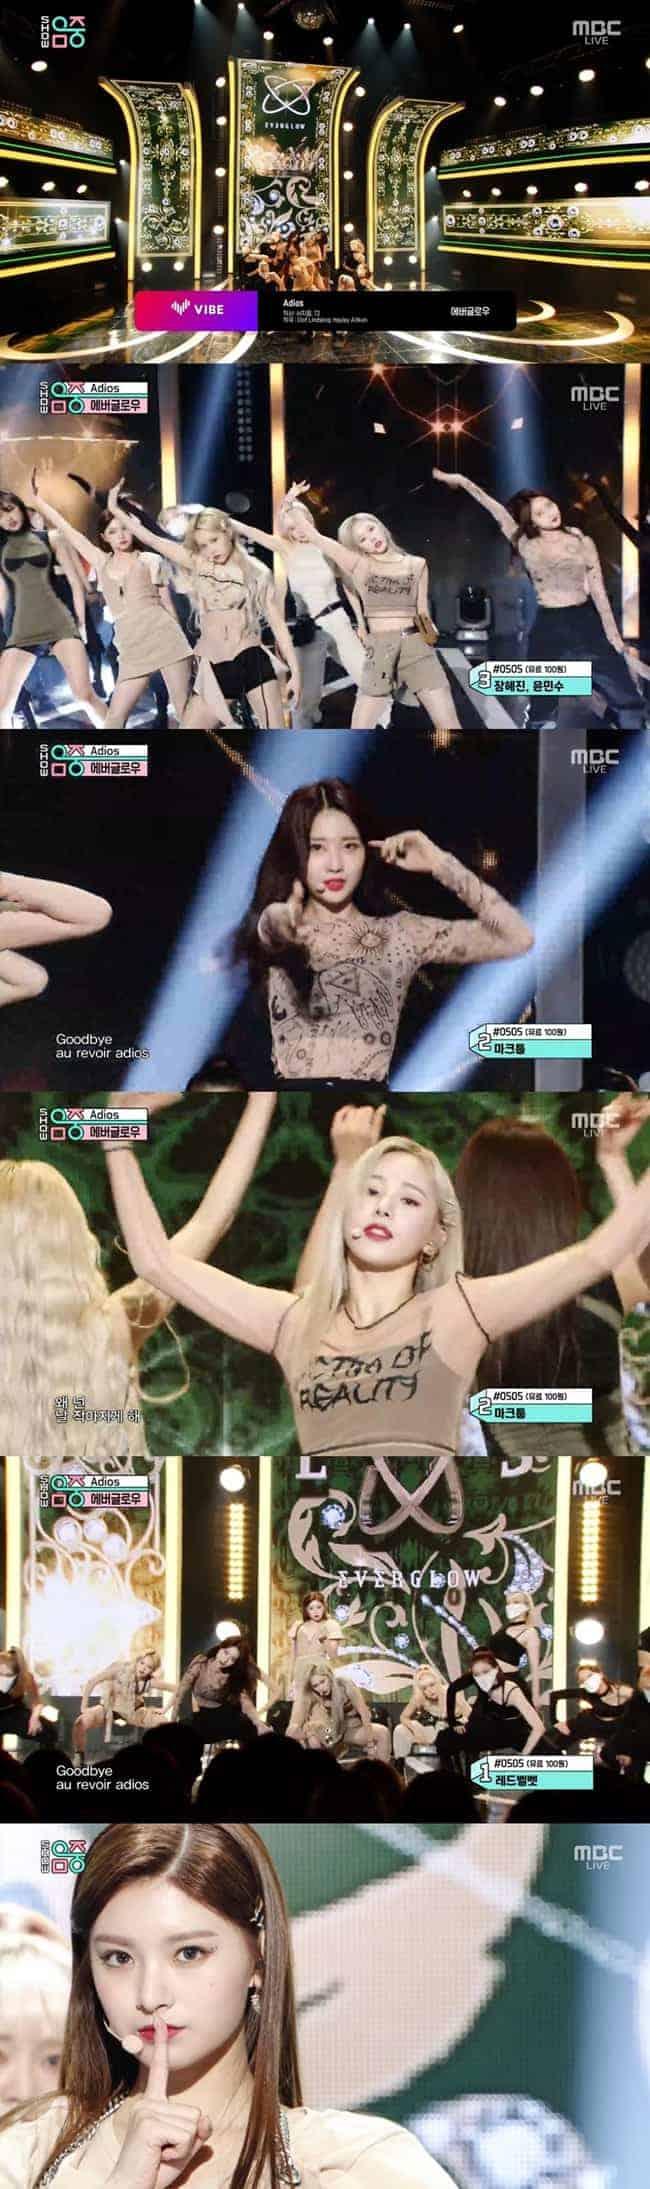 MBC '쇼! 음악중심' 방송 화면 캡처 © 갓잇코리아